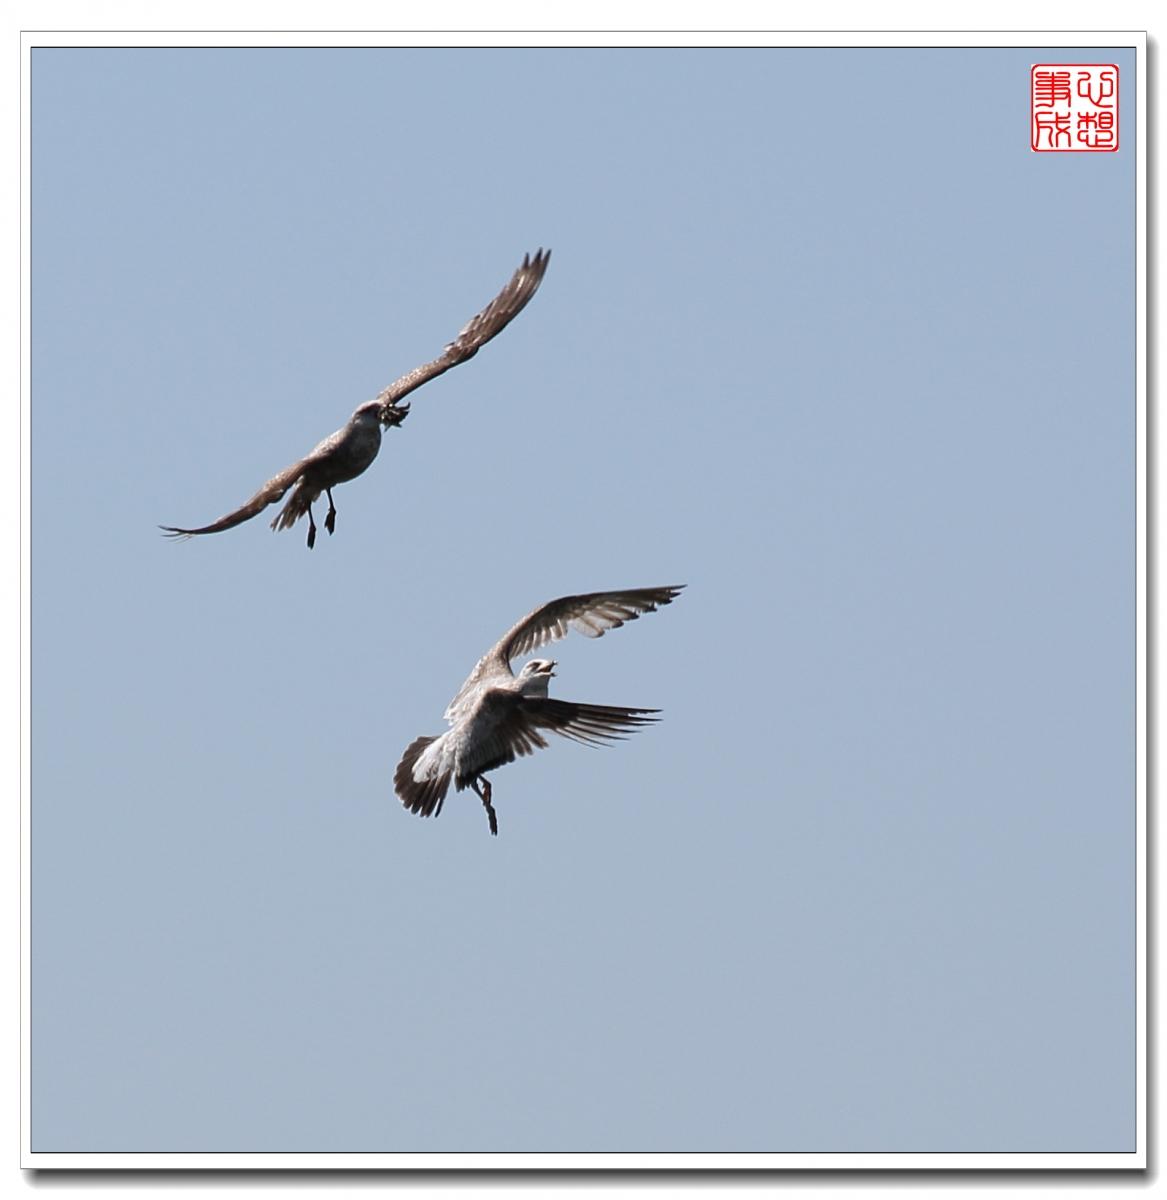 【心想事成】空中表演-海鸥_图1-11